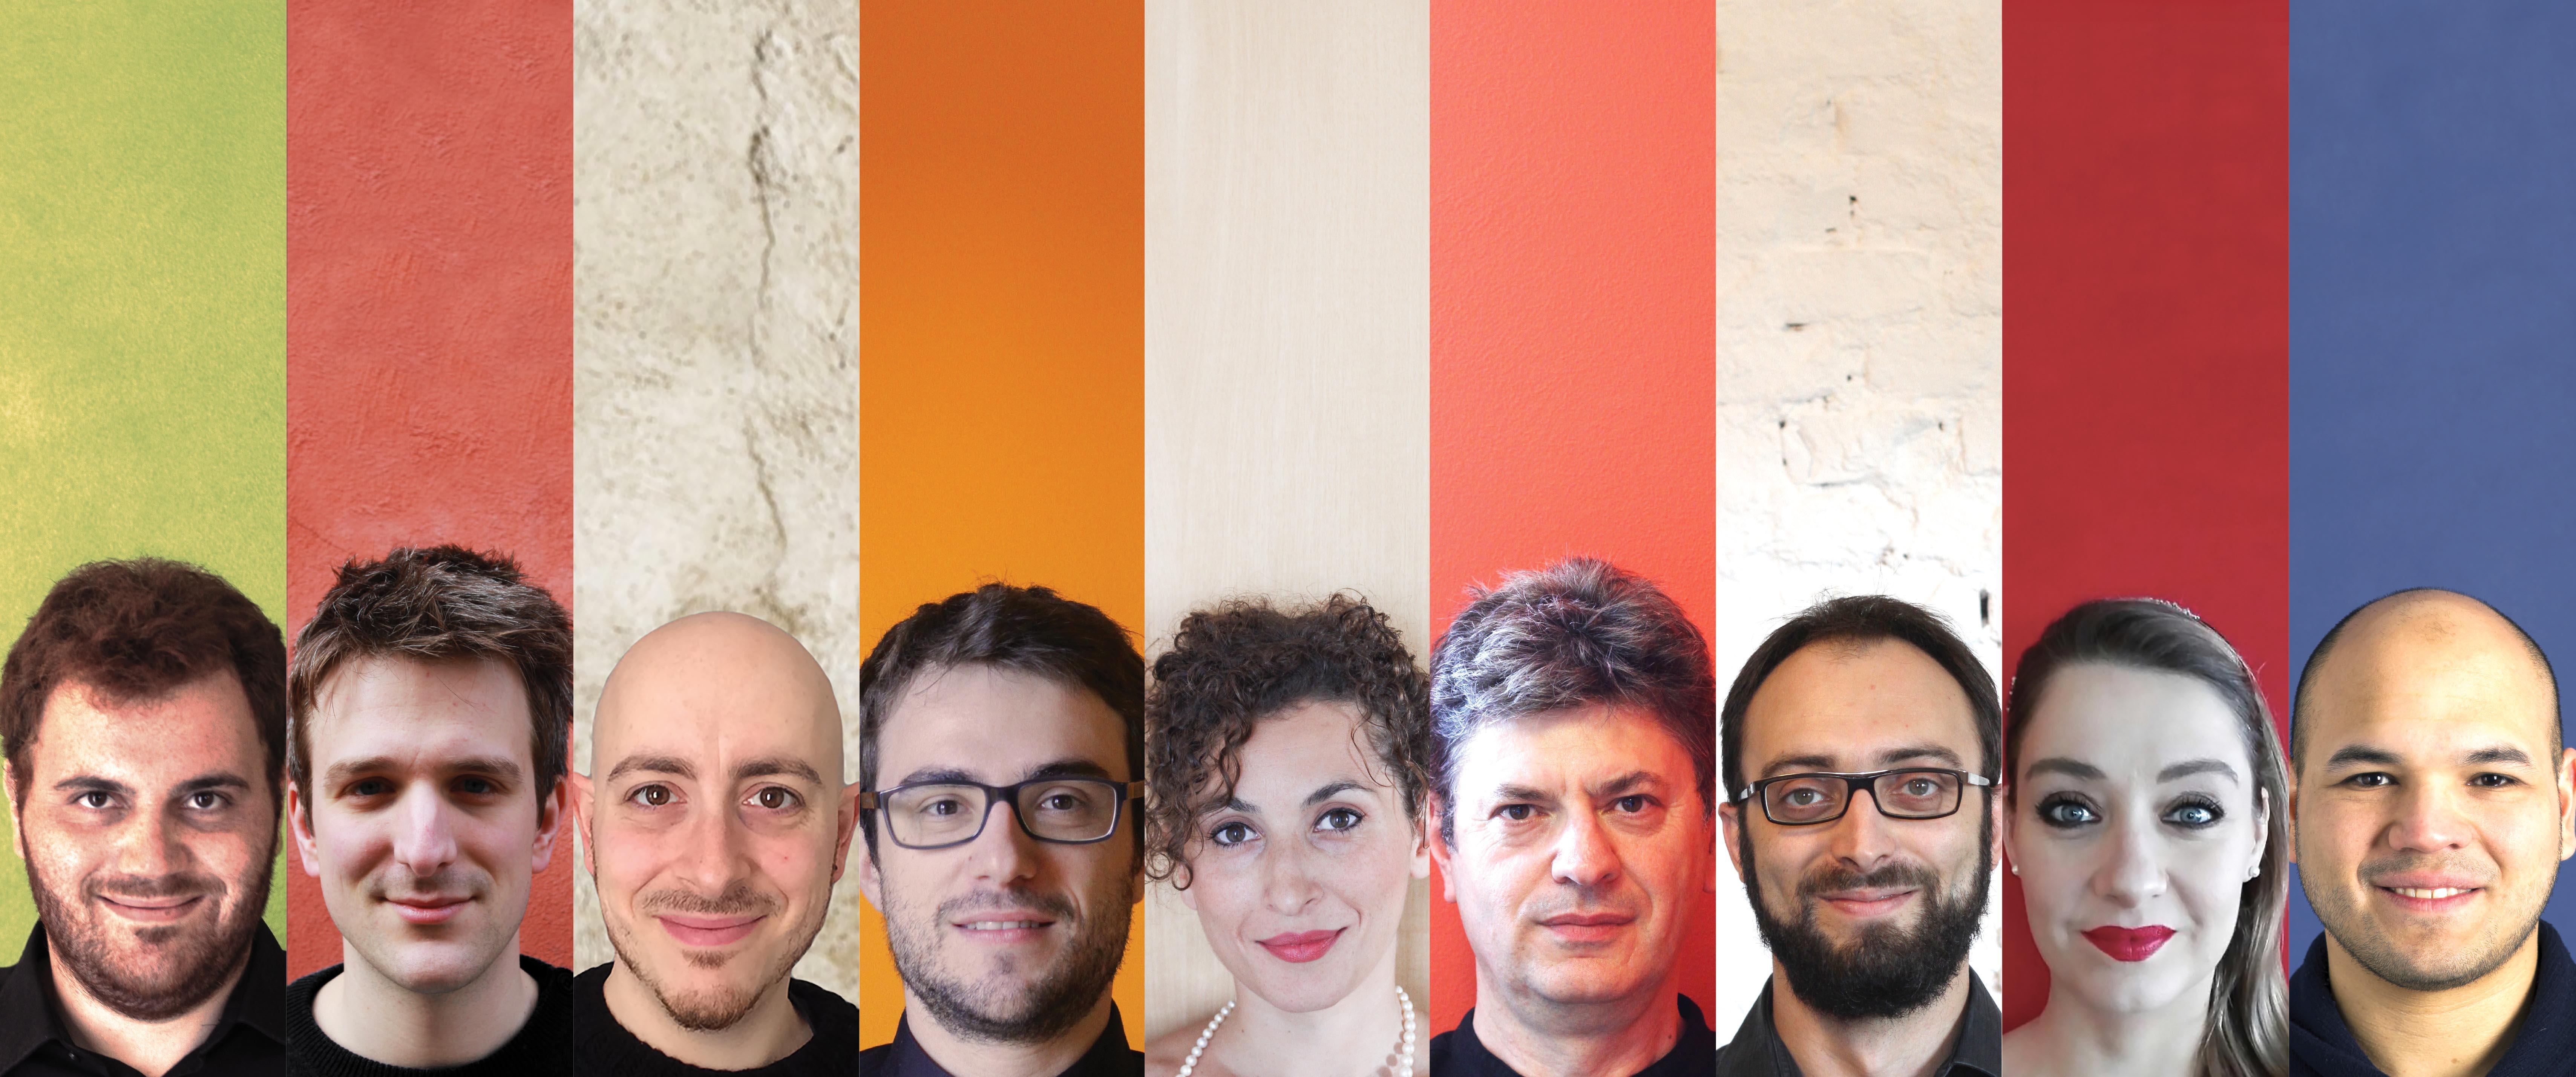 gruppo per sito rp color copia